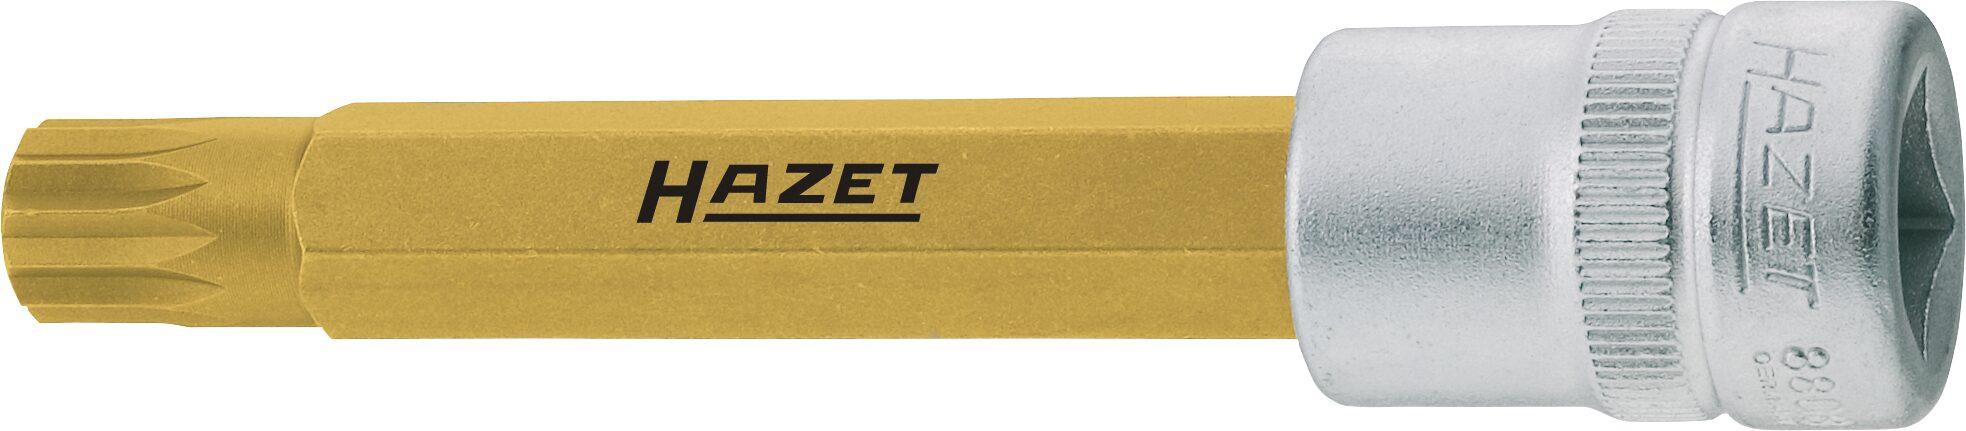 HAZET Schraubendreher-Steckschlüsseleinsatz 8808LG-8 ∙ Vierkant hohl 10 mm (3/8 Zoll) ∙ Innen Vielzahn Profil XZN ∙ M8